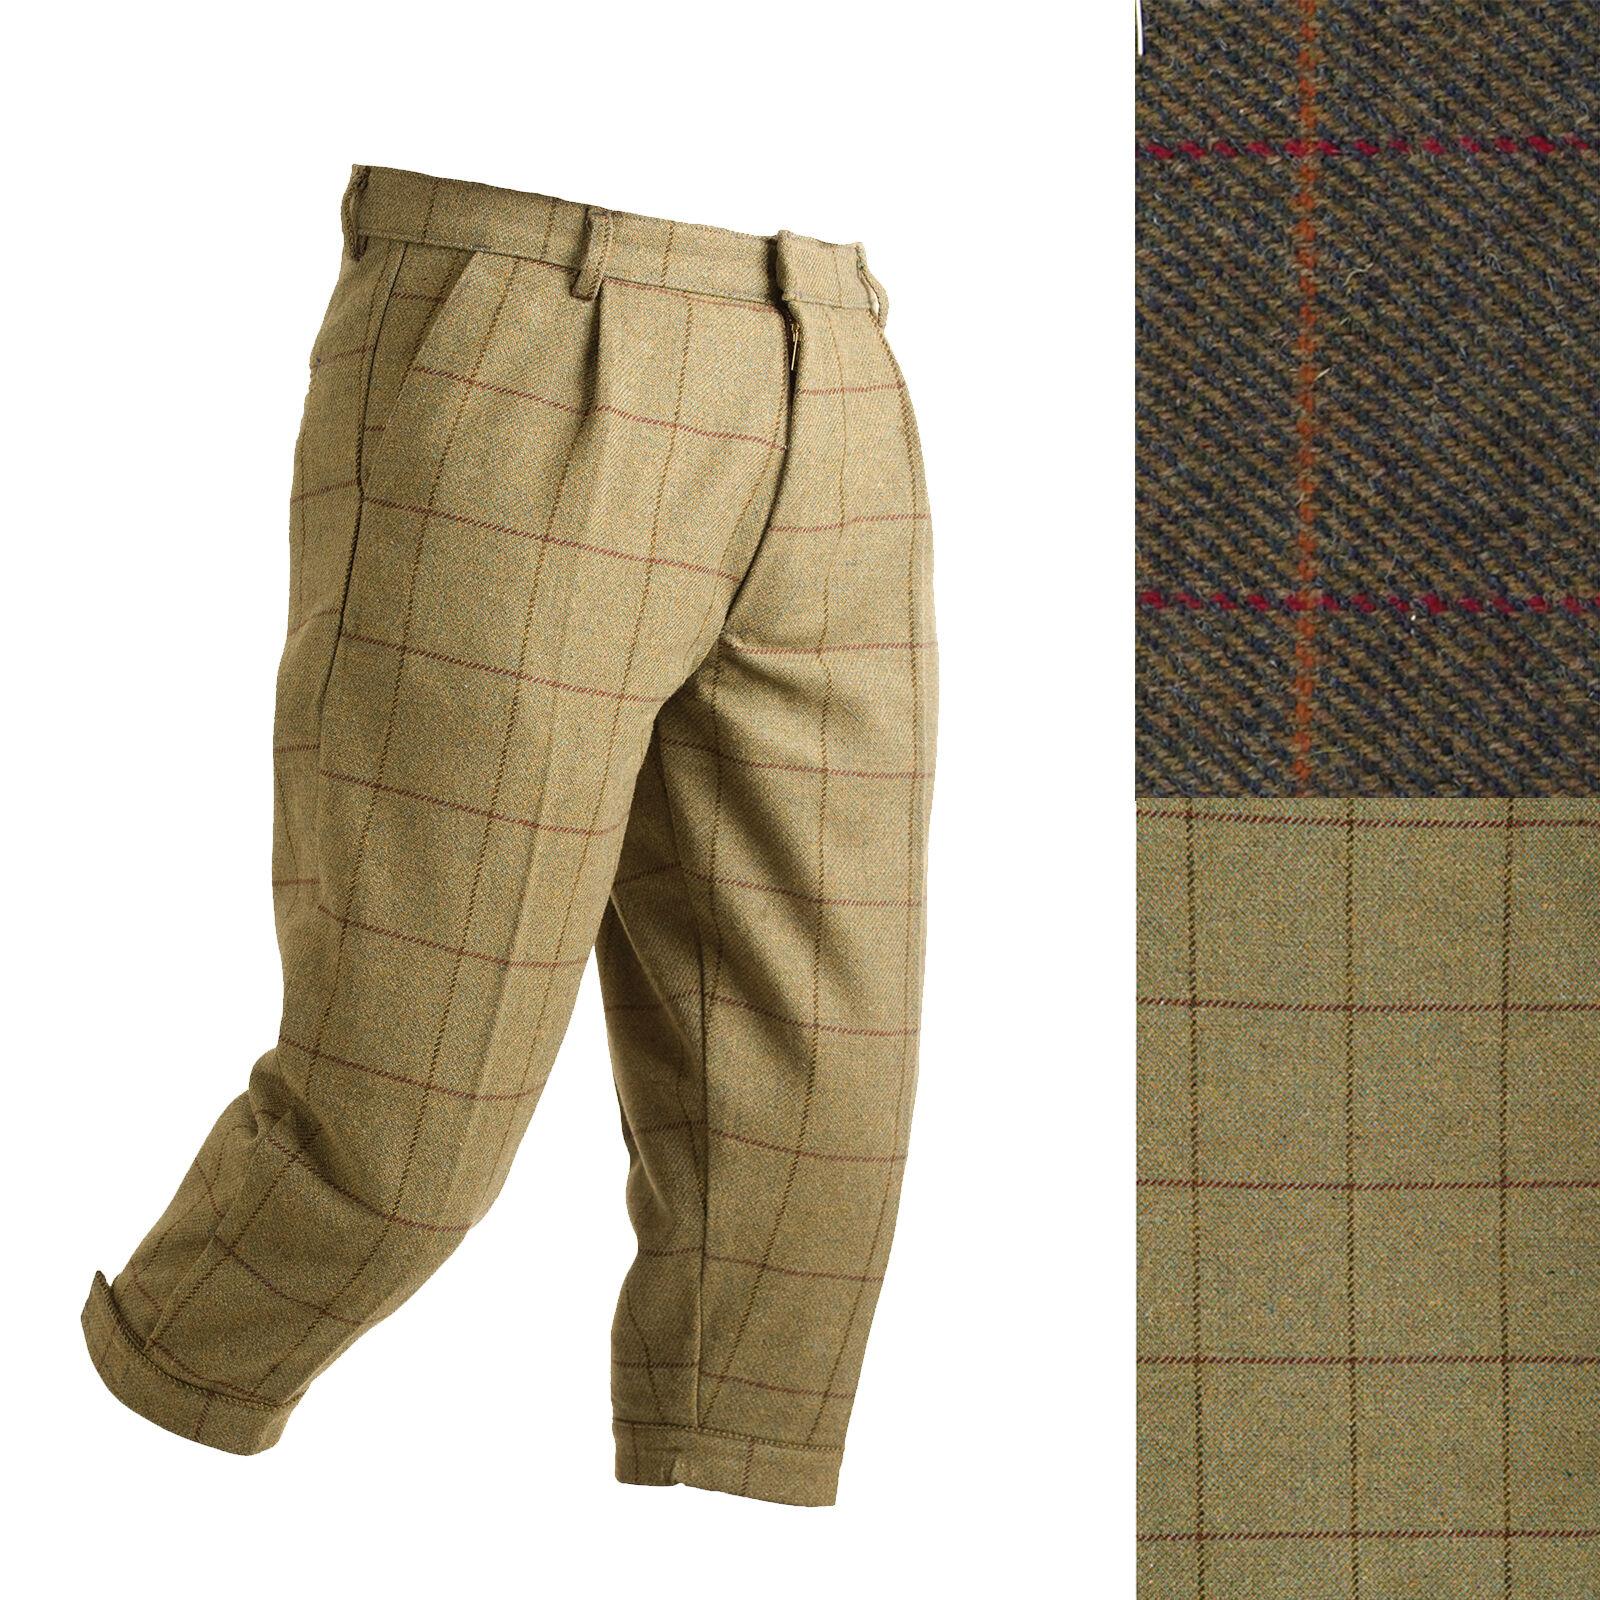 Nuevo Para hombres Alan Paine Tweed Pantalones Ropa de disparo caza breechs Breeks